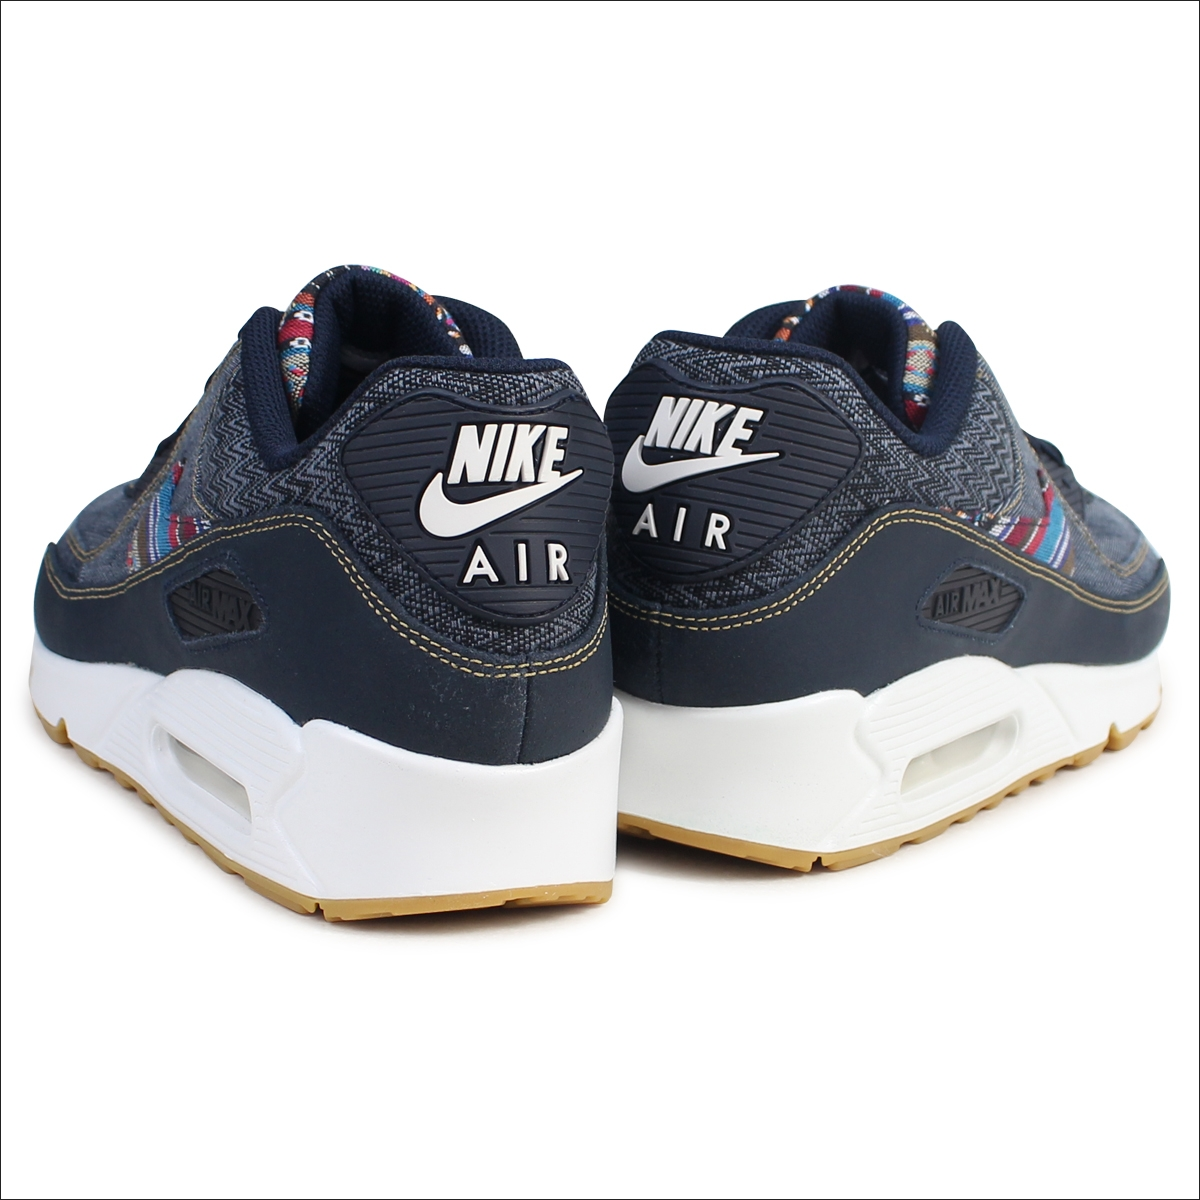 Nike Air Max 90 Premium 'Afro Punk Pack' sneaker 700155 402